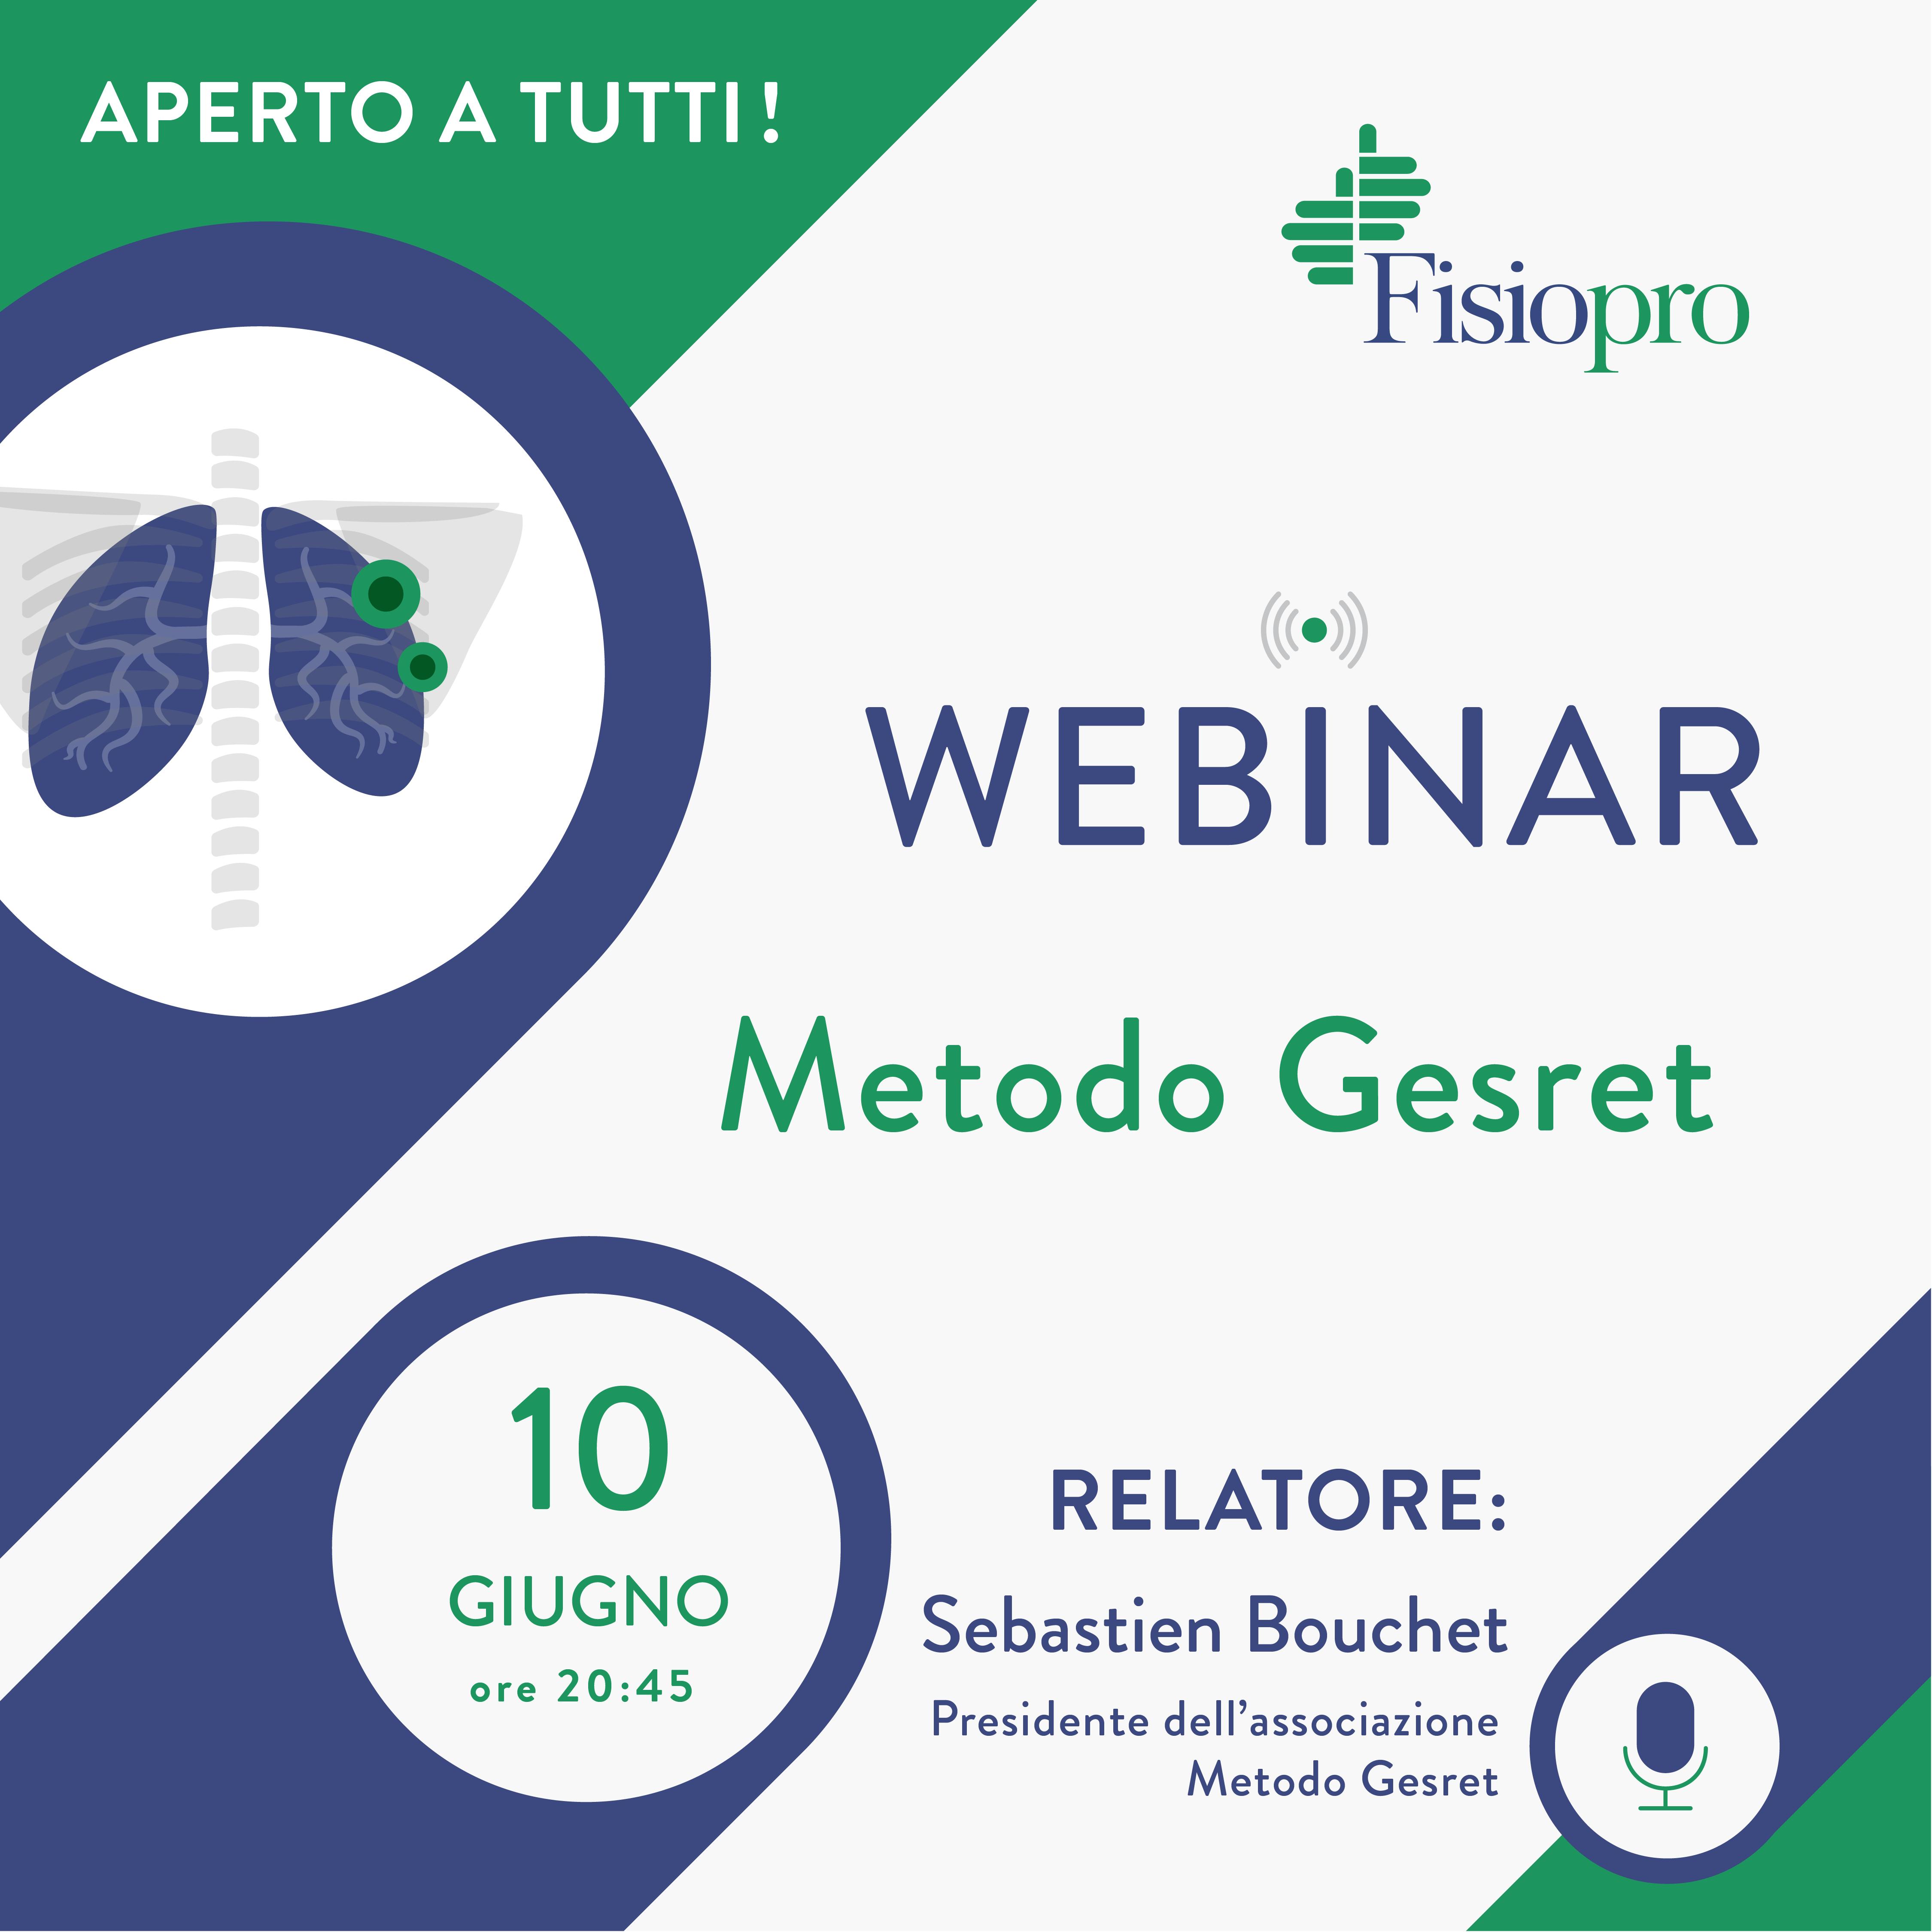 Webinar Metodo Gesret